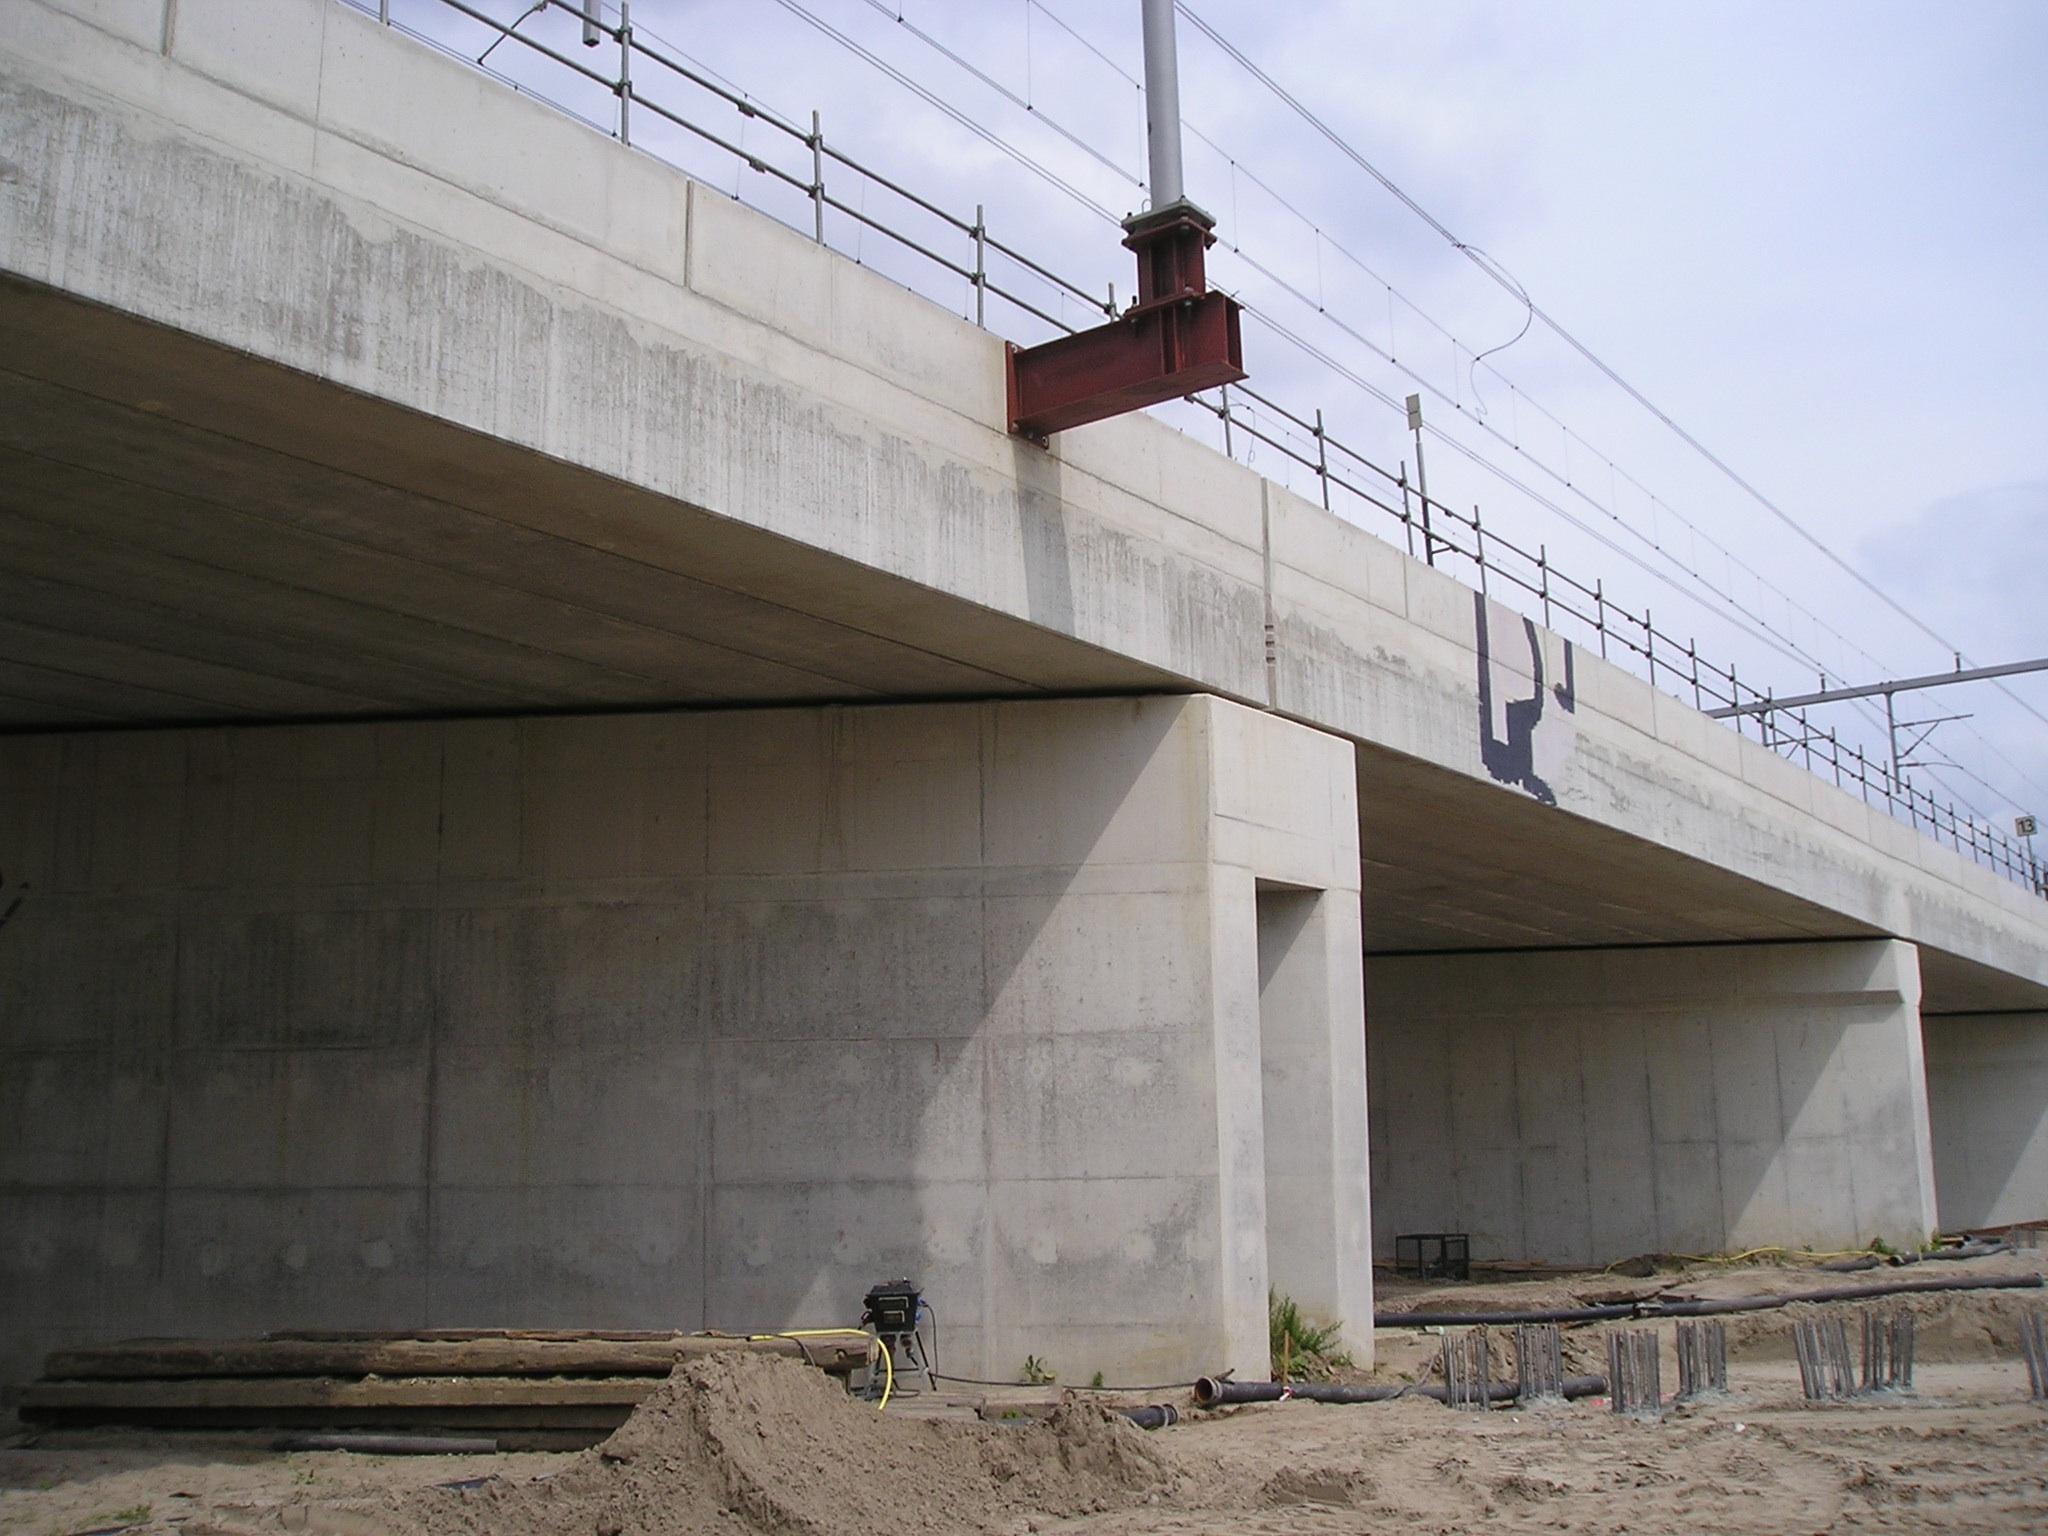 Schrumpf Viaduct spoor Utrecht - Leidsche Rijn